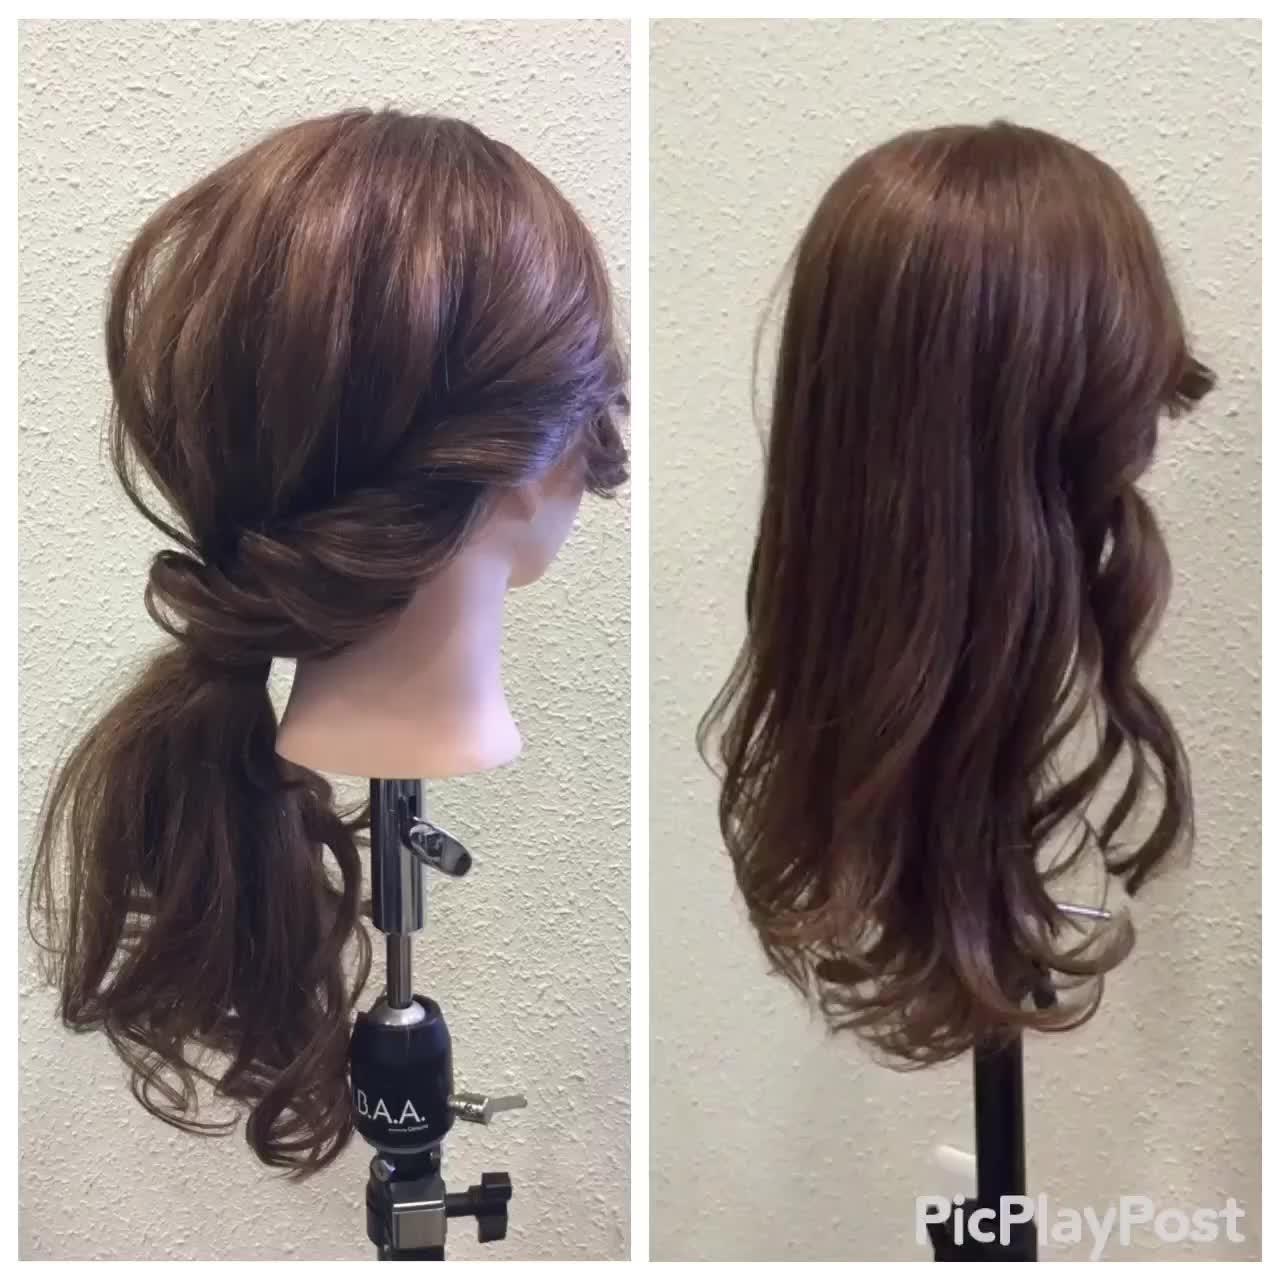 ナチュラル 結婚式 ロング 簡単ヘアアレンジ ヘアスタイルや髪型の写真・画像